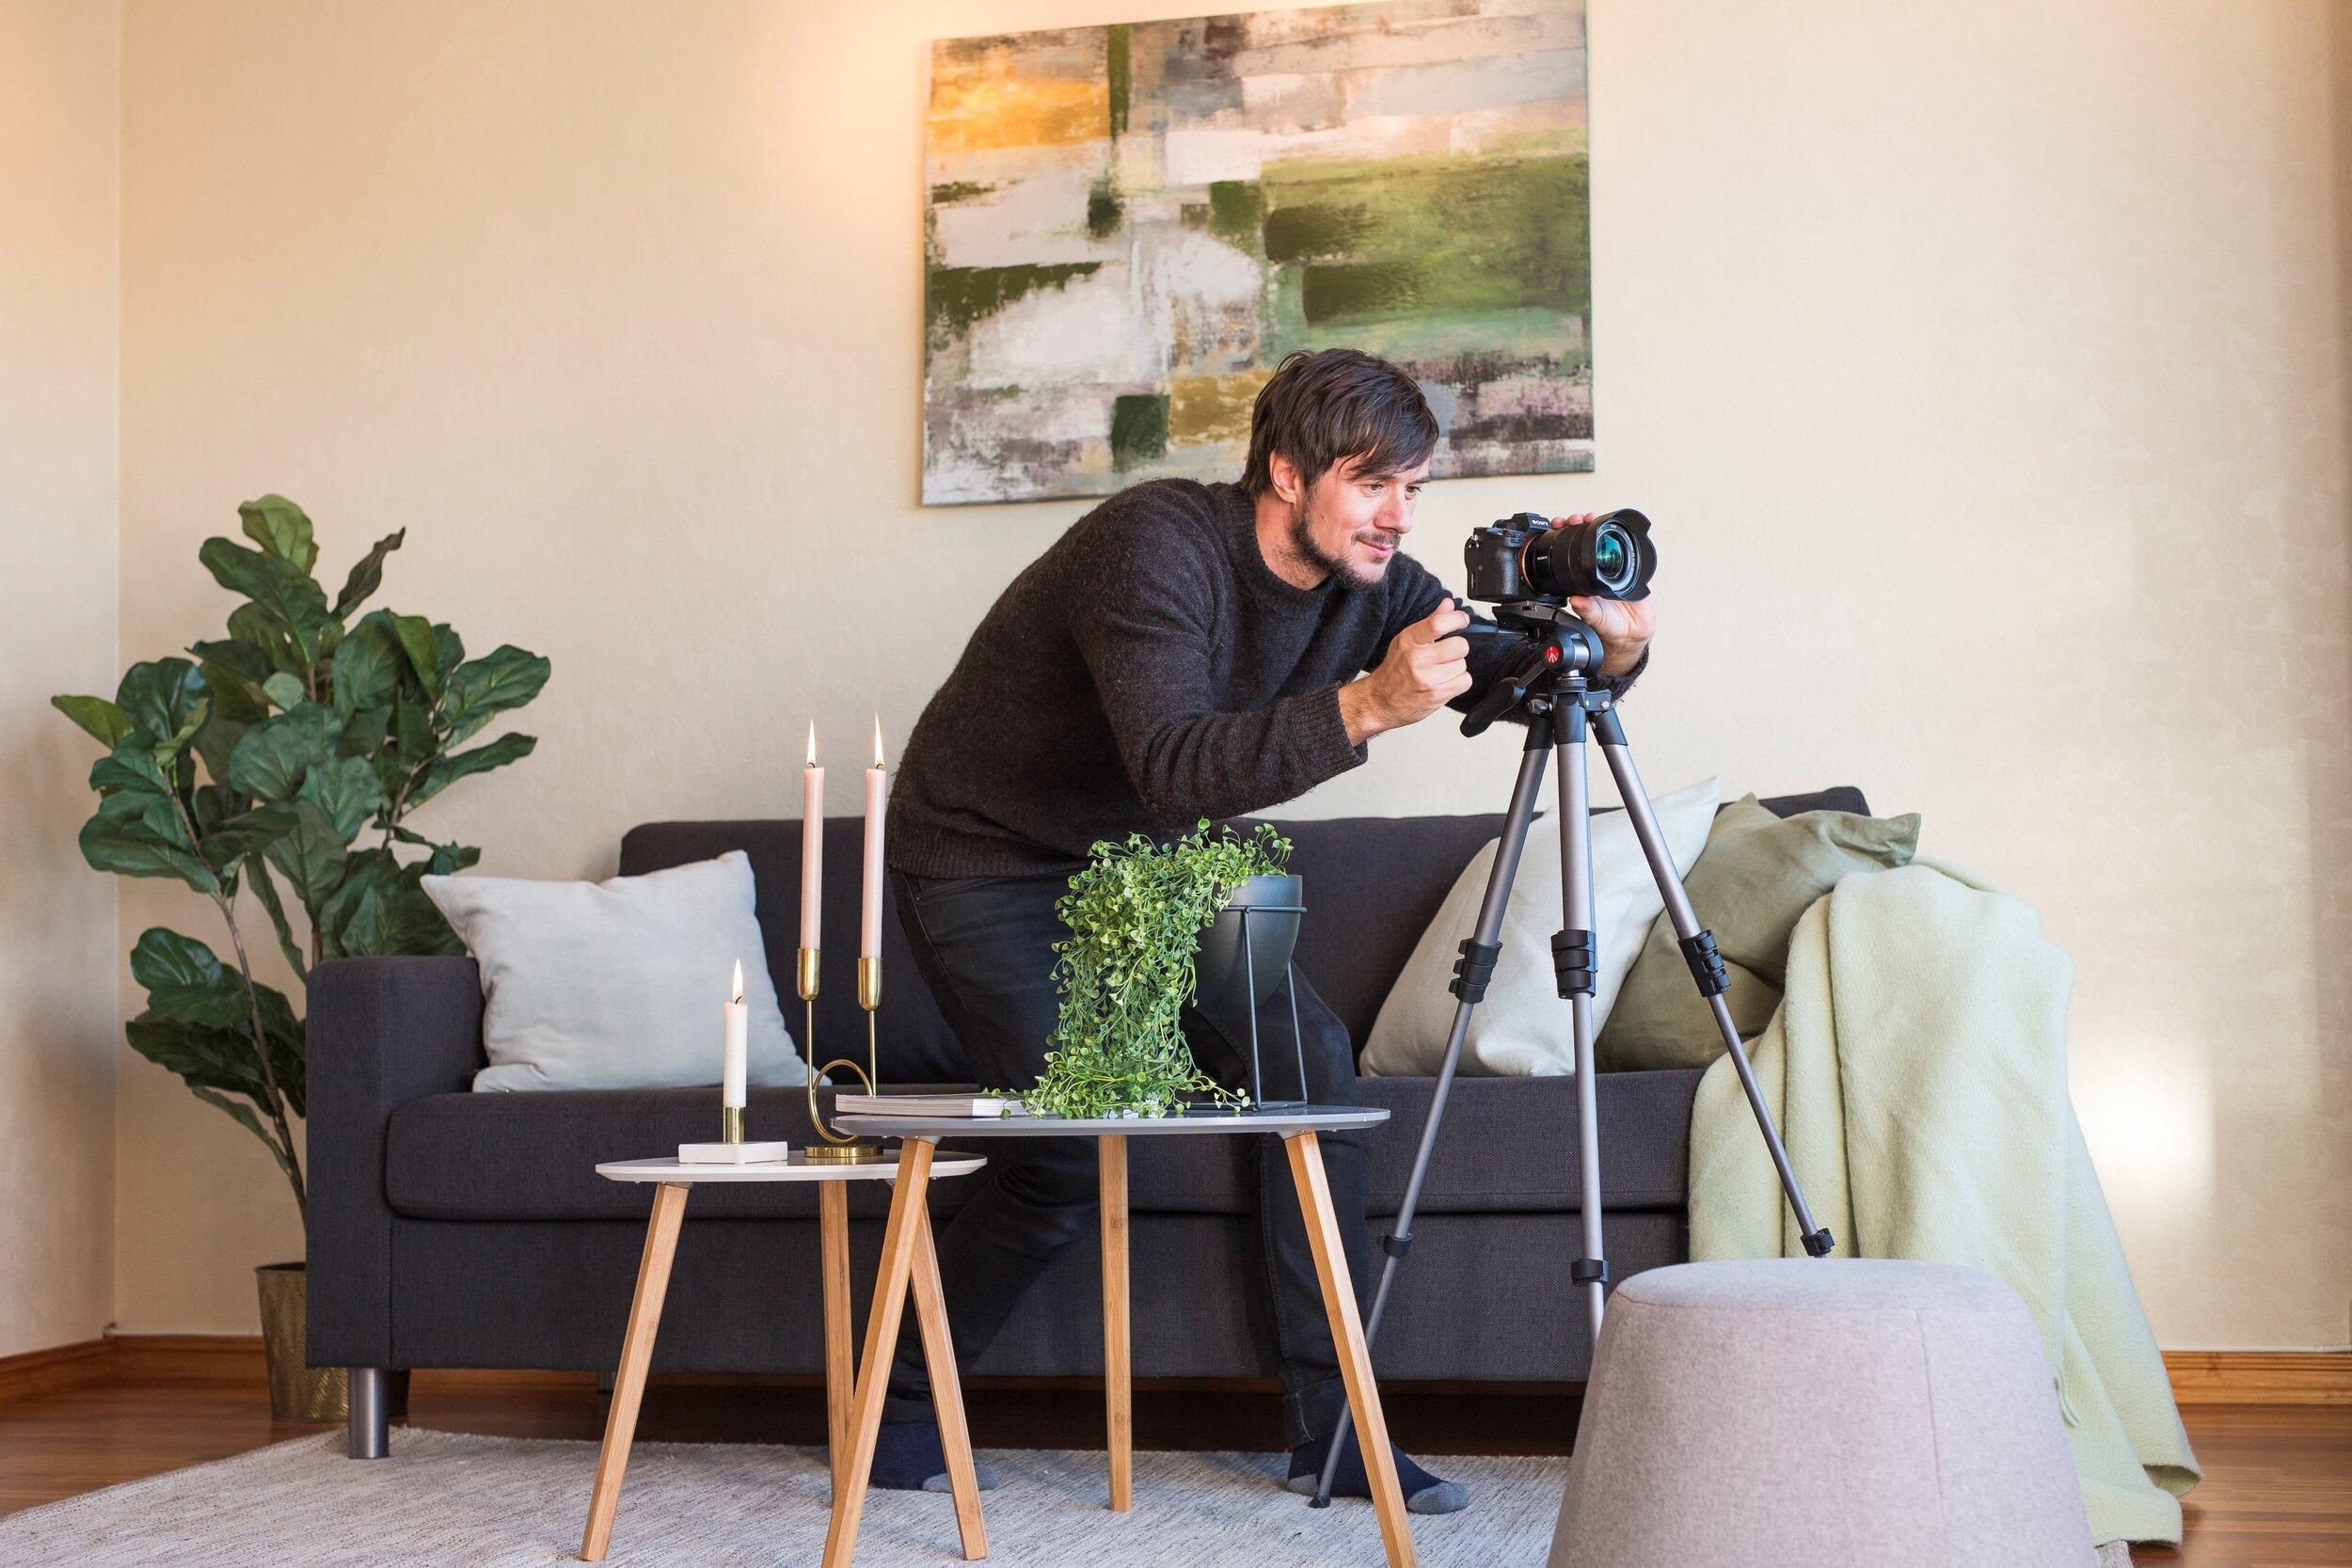 - Sikt Bolig er et lite gründereventyr fra Tromsø, som så dagens lys i 2014. Gründerne Arthur Arnesen og Øyvind Opshaug har sine bakgrunner fra foto og film. De hadde også en stor interesse for bolig og eiendom og så på måter å kombinere jobb med interesse.